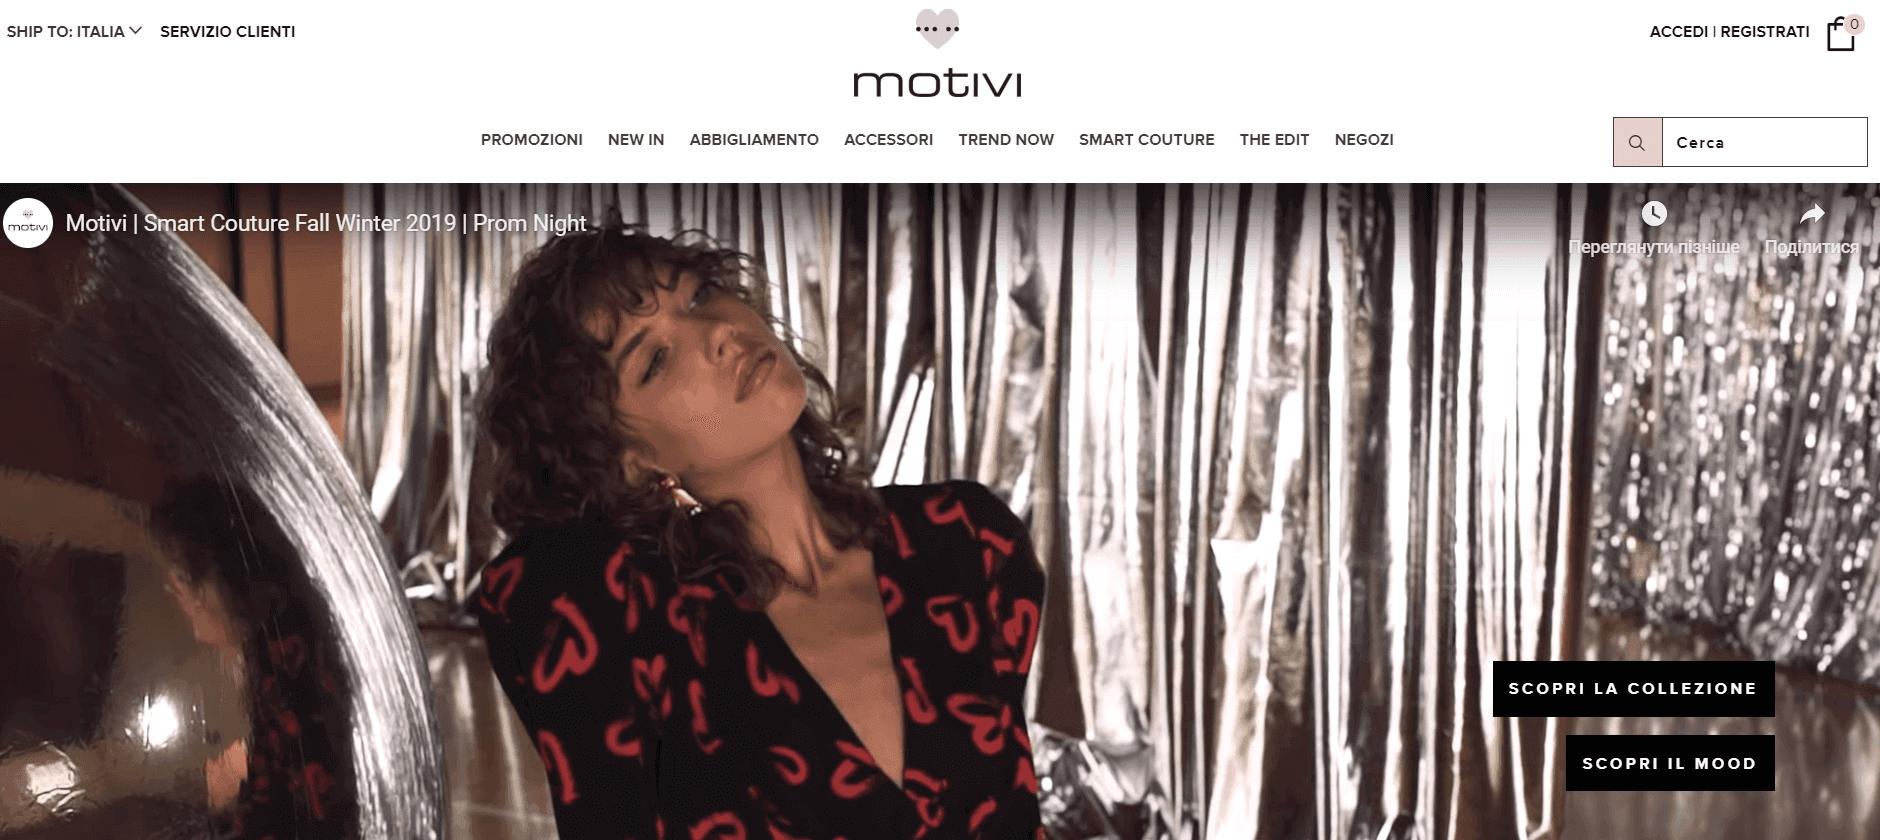 Motivi купити онлайн з доставкою в Україну - myMeest - 2